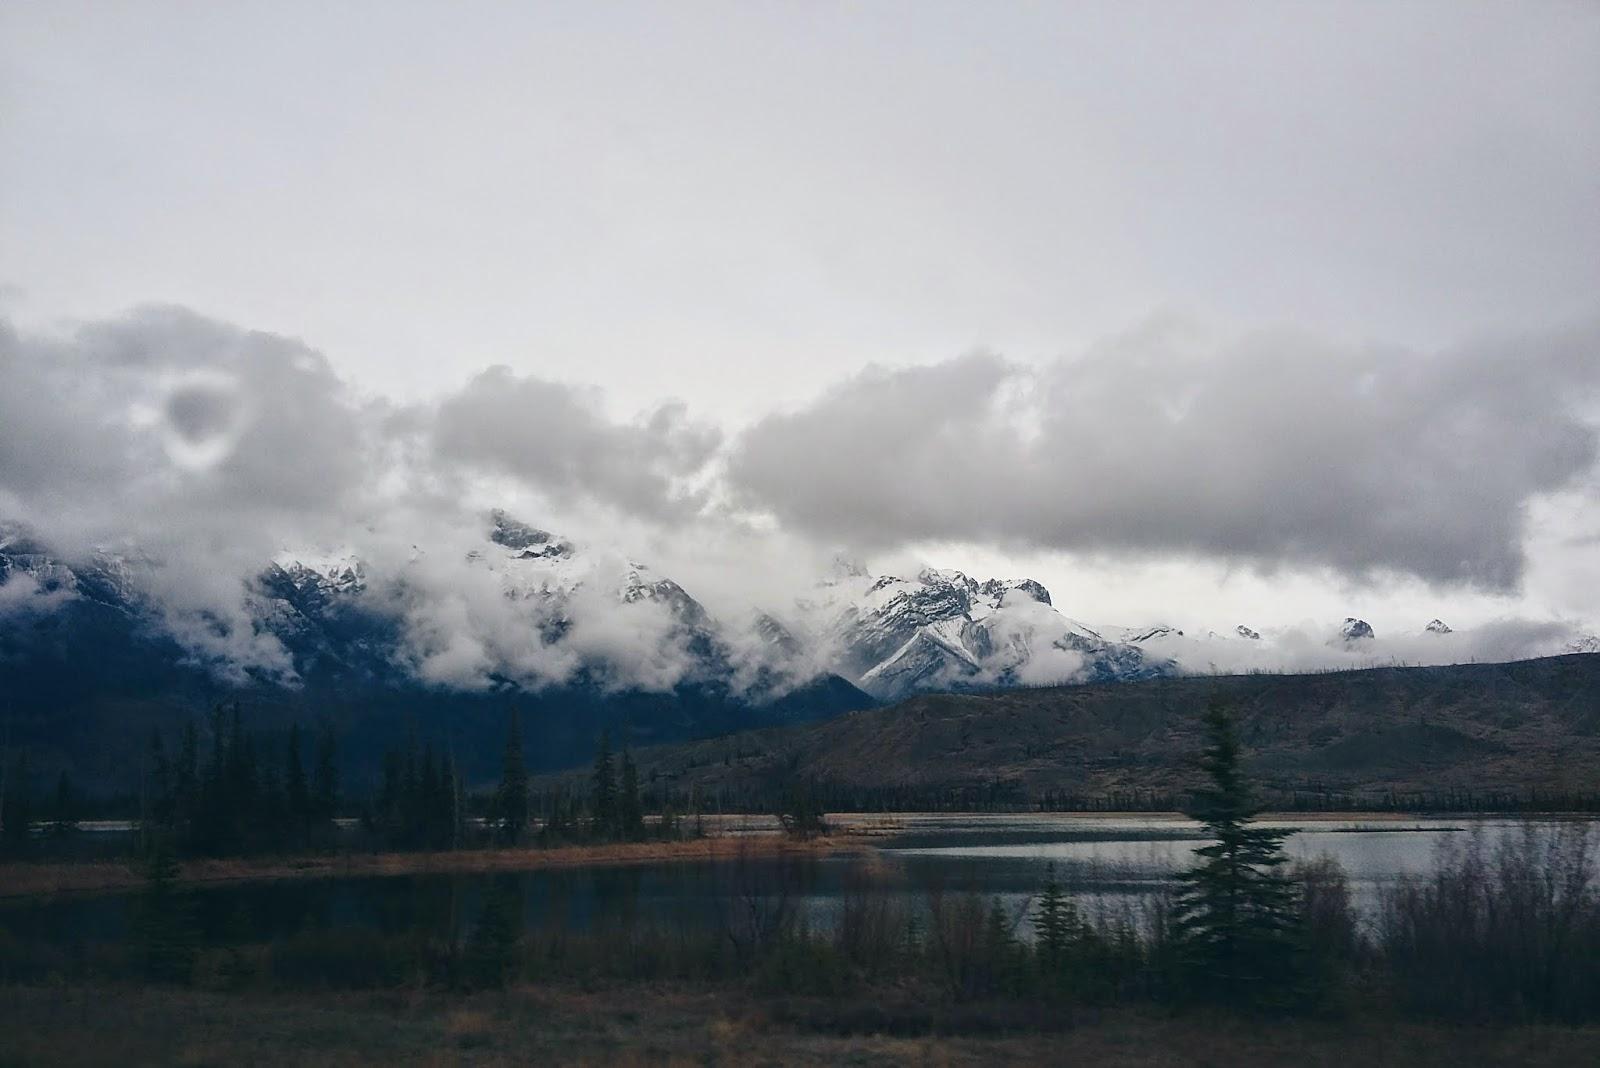 Gloomy day in Jasper National Park